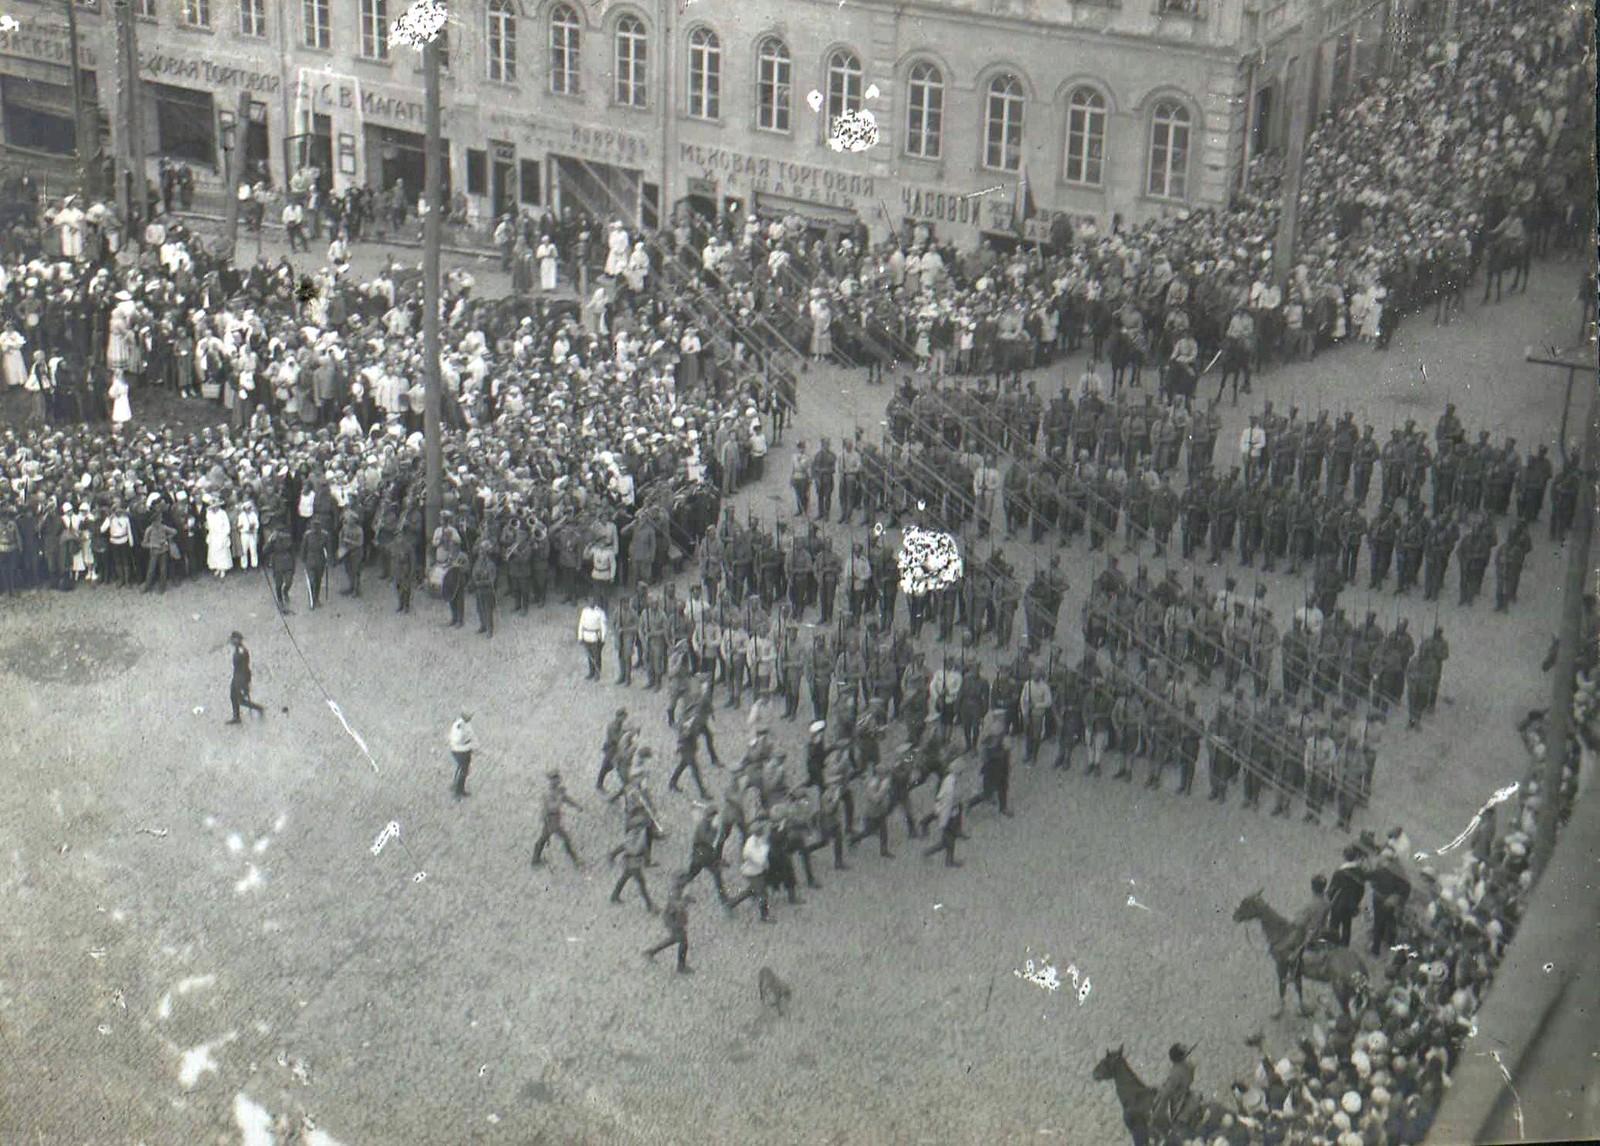 144. 1919. Панихида по павшим воинам в Харькове, июнь